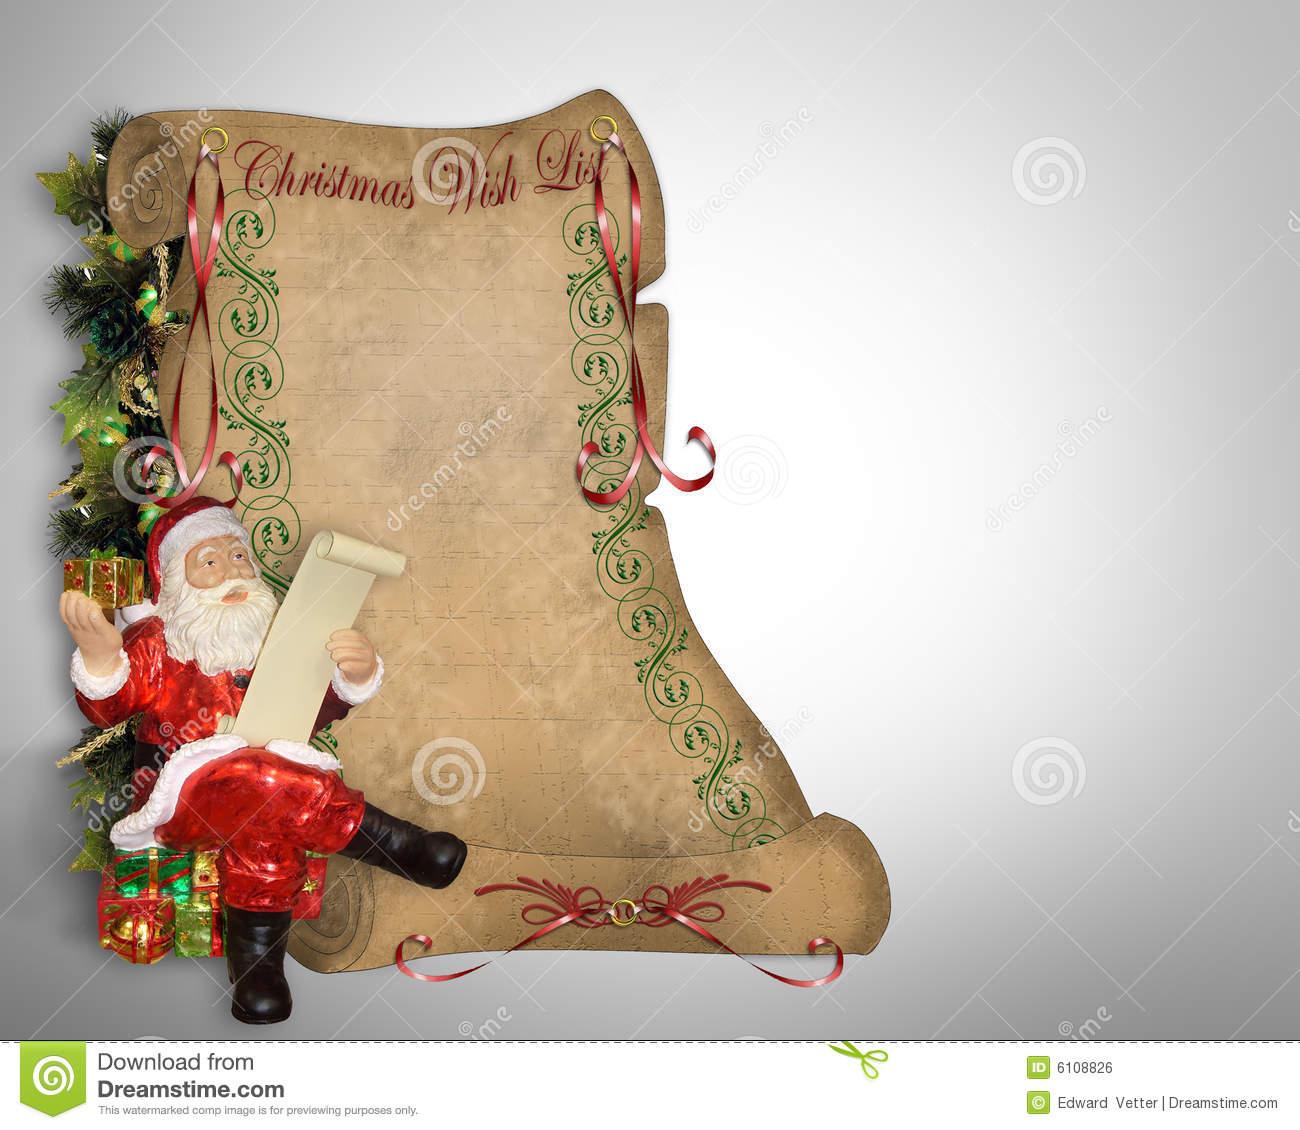 Santas christmas list clipart picture transparent stock Free christmas wish list clipart - ClipartFest picture transparent stock